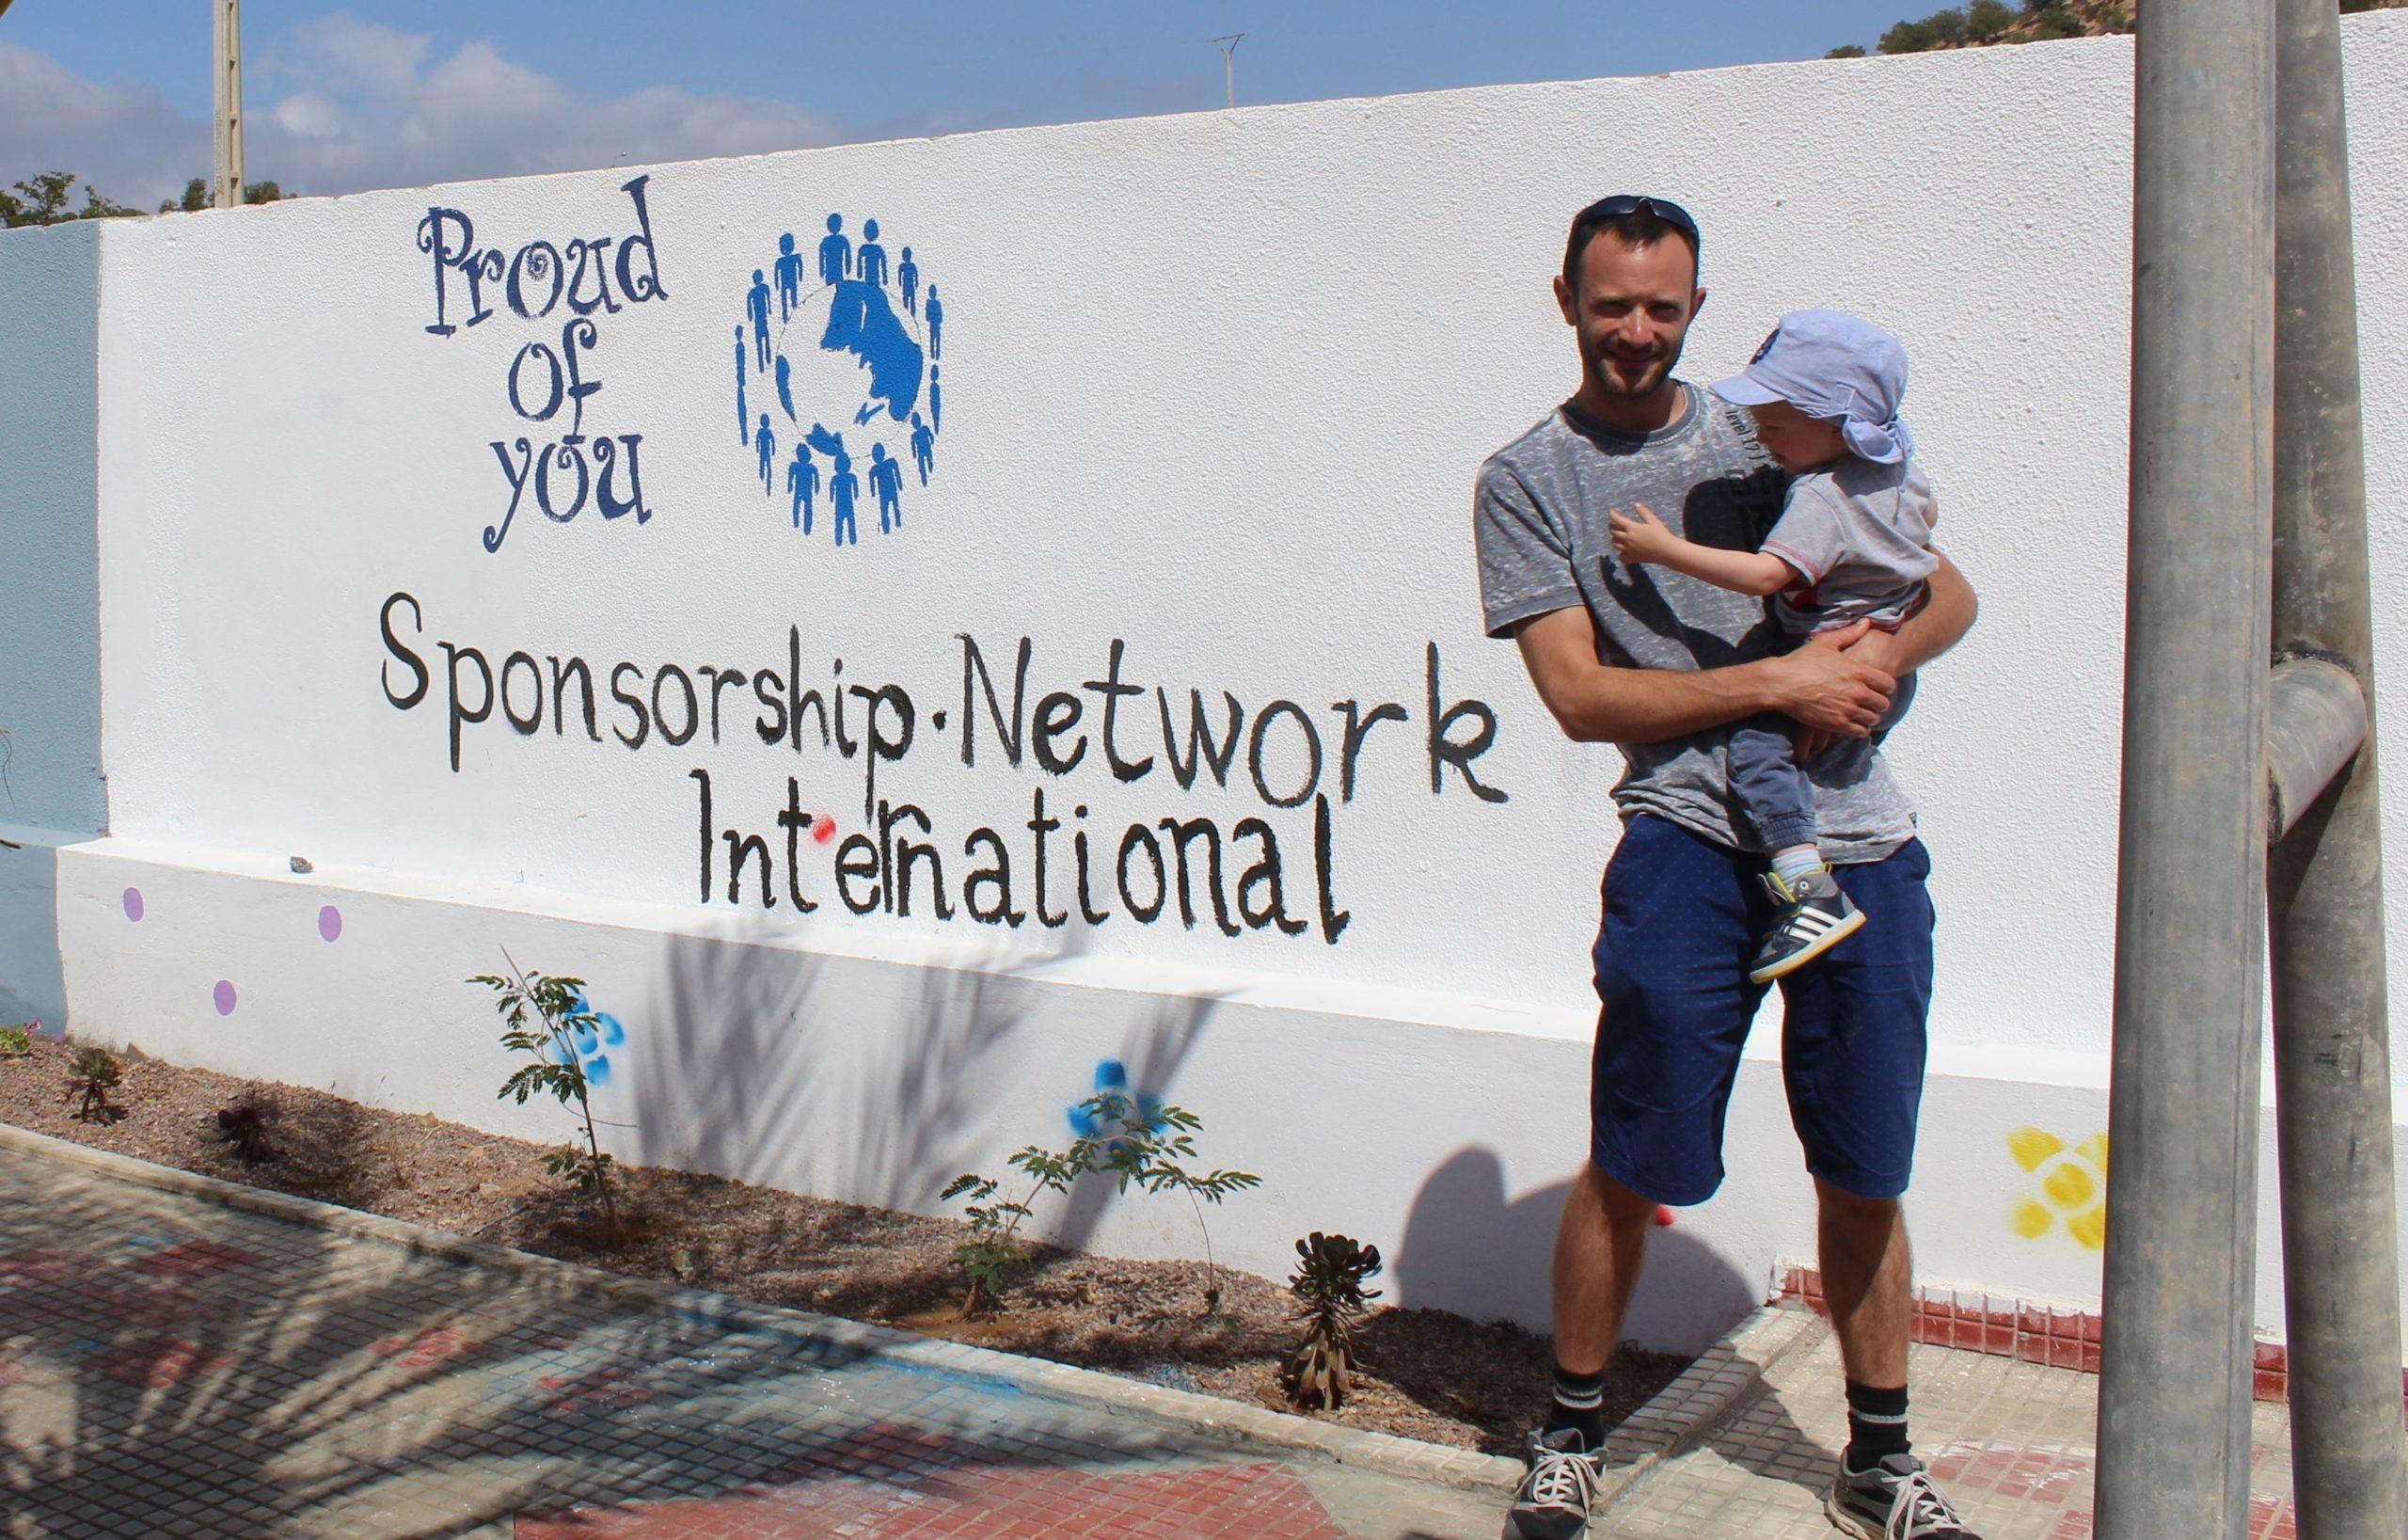 Sponsorship Network Intl